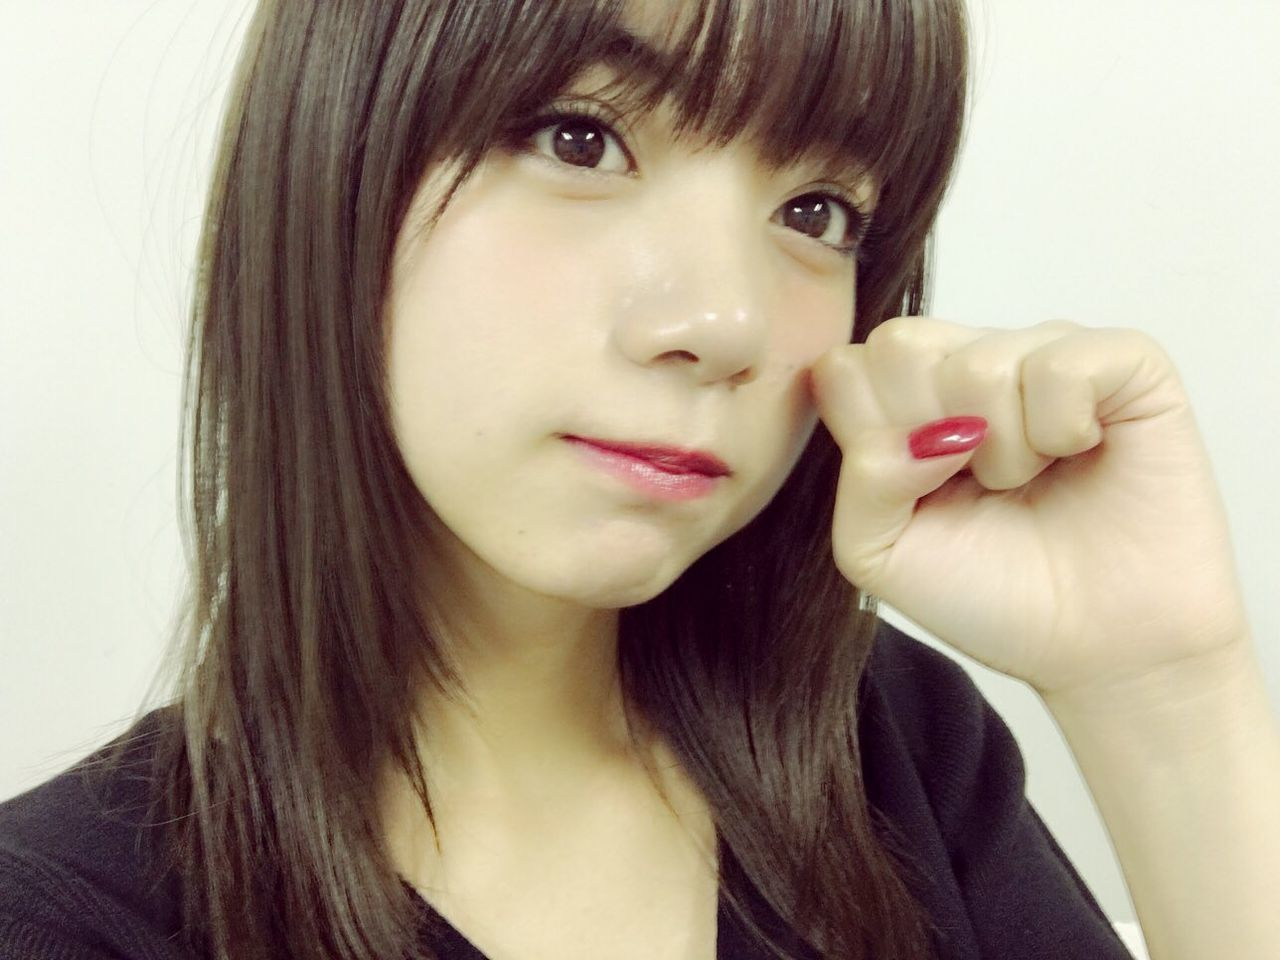 池田エライザの自撮り画像